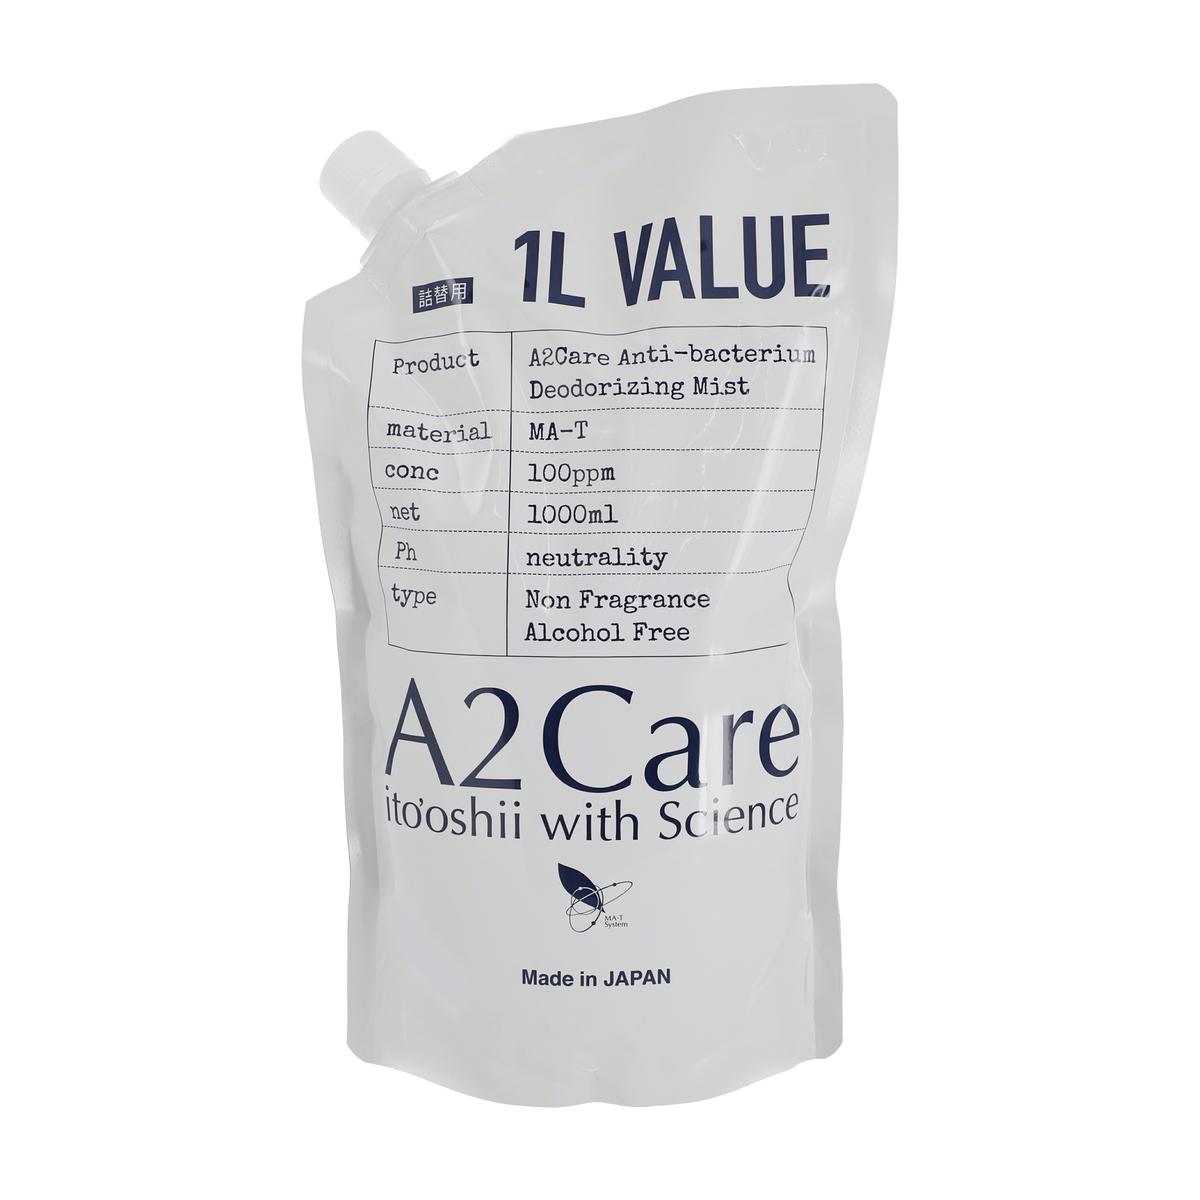 A2Care 除菌 消臭剤 1L 詰替用